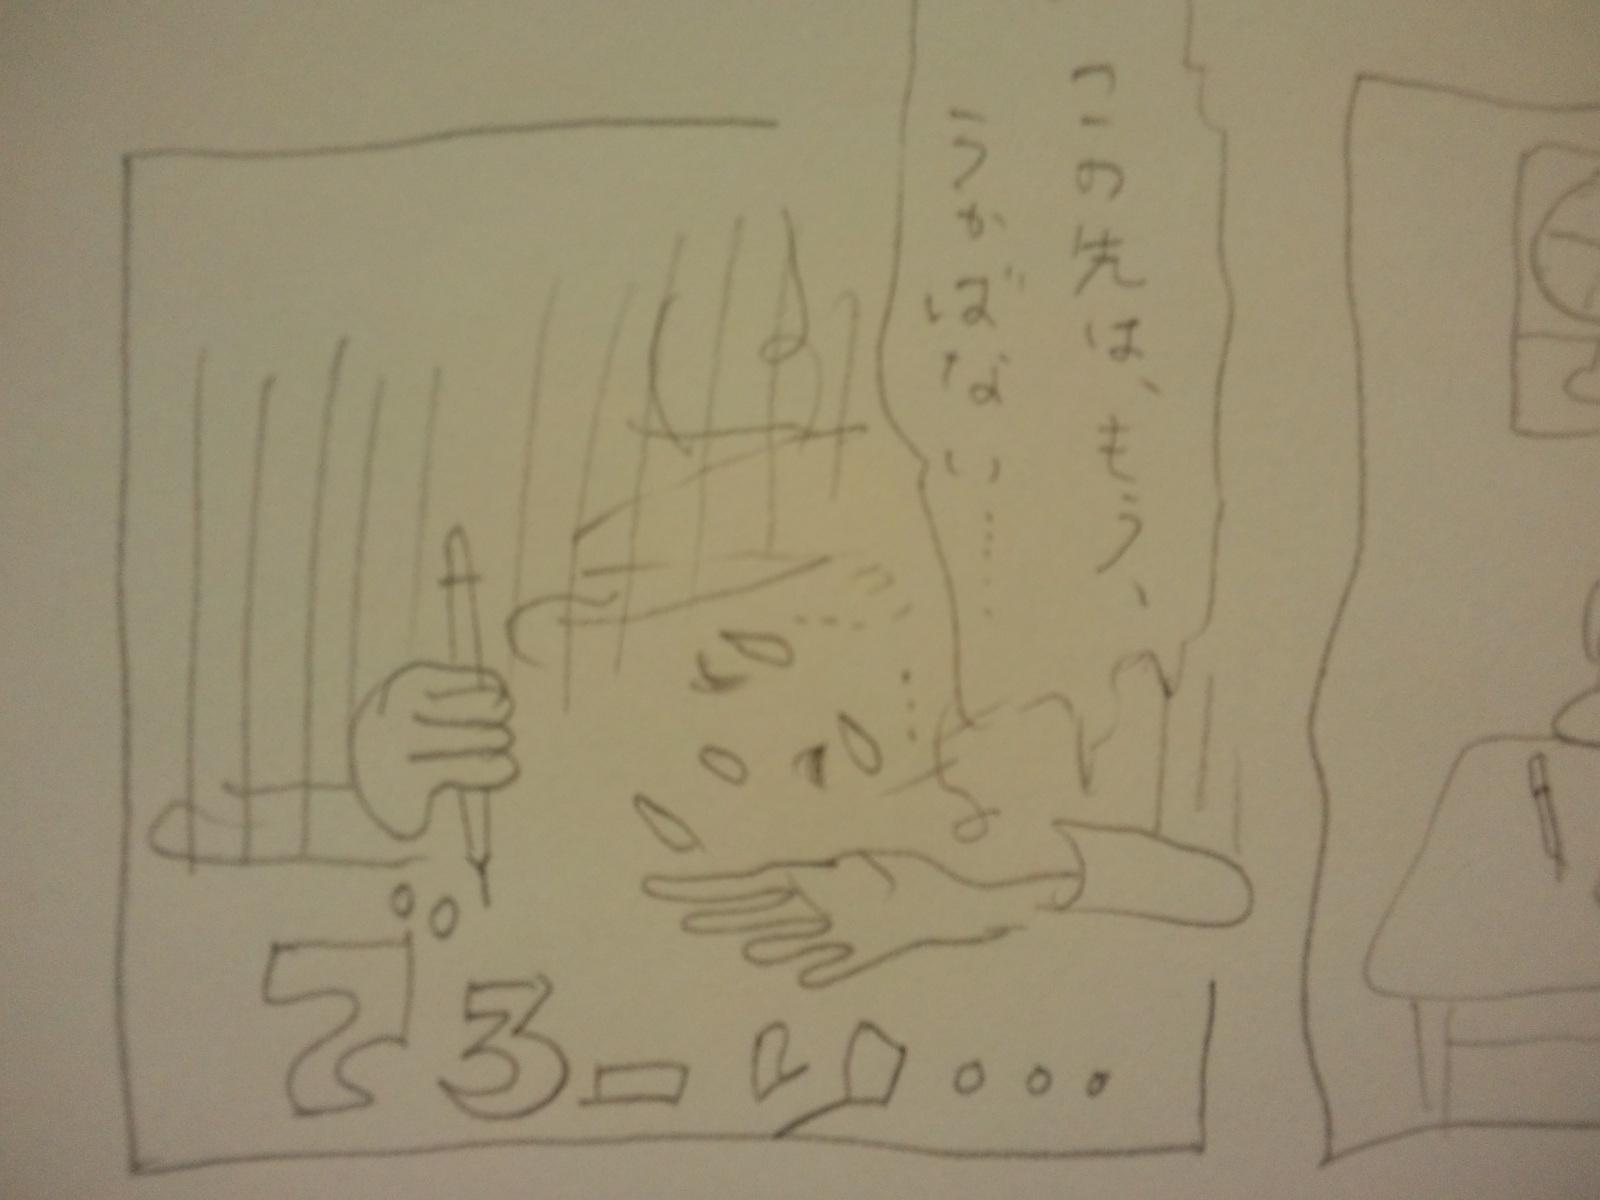 f0229637_21215383.jpg